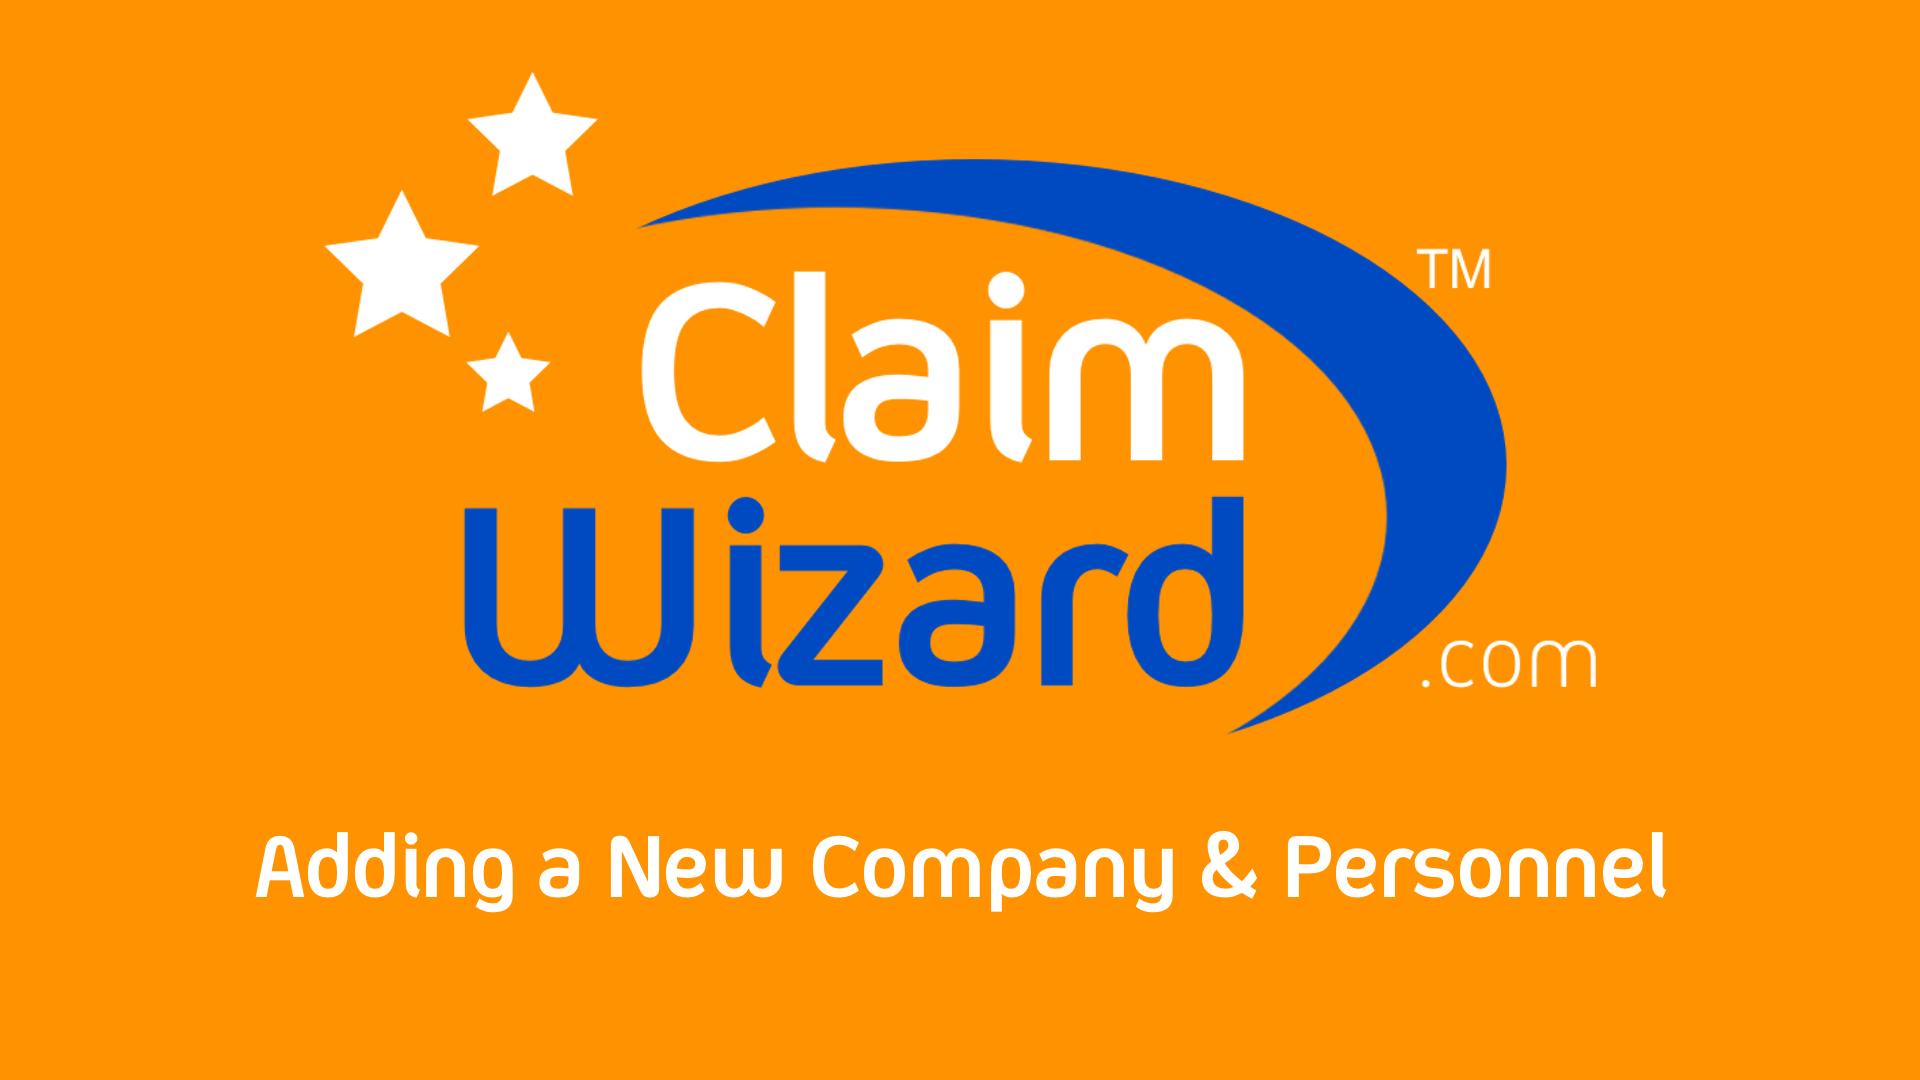 Adding New Company & Personnel